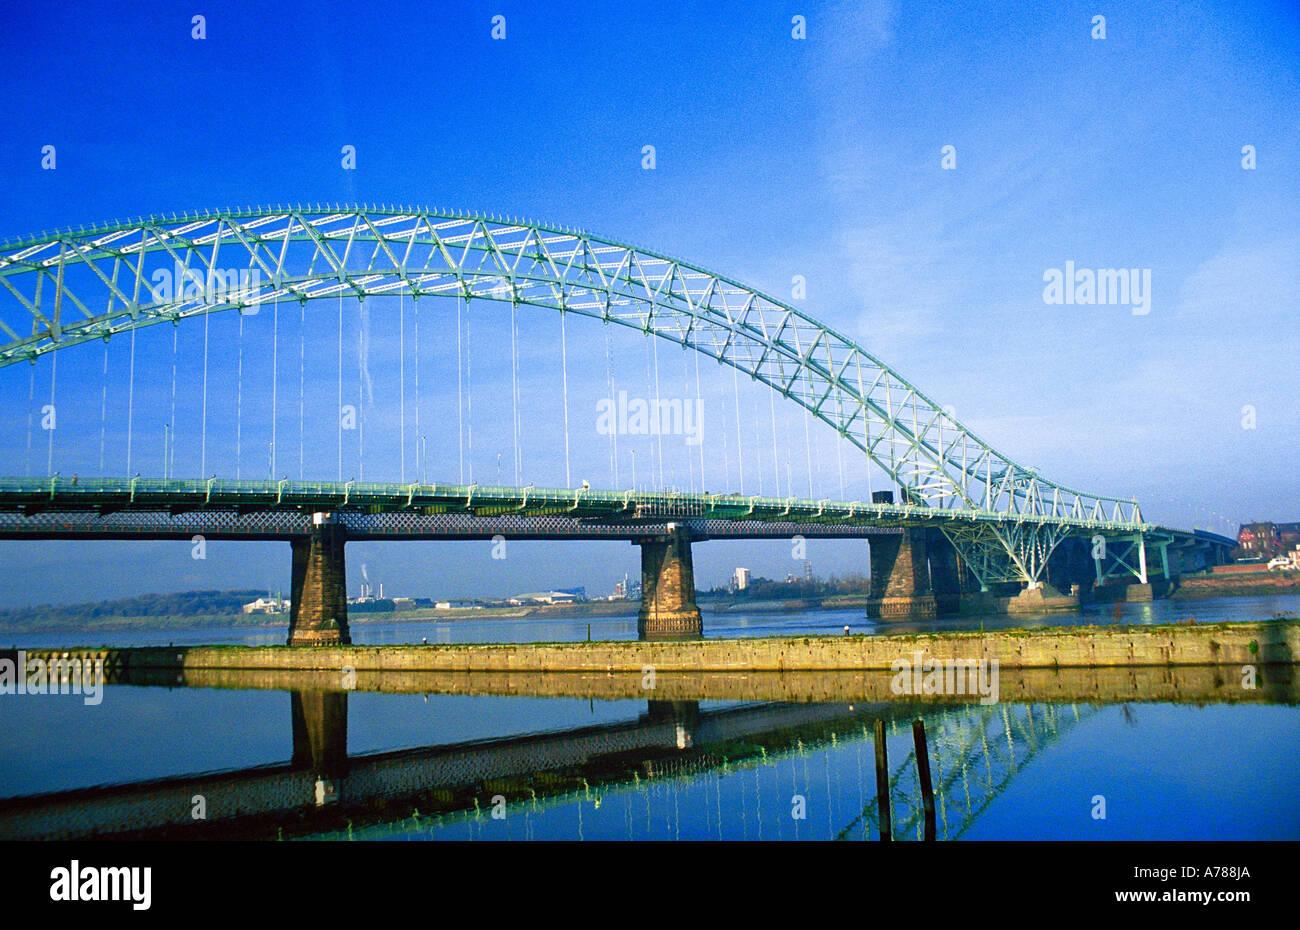 Runcorn-Widnes Road Bridge (The Silver Jubilee Bridge) from Runcorn Promenade, Winter 2005 - Stock Image